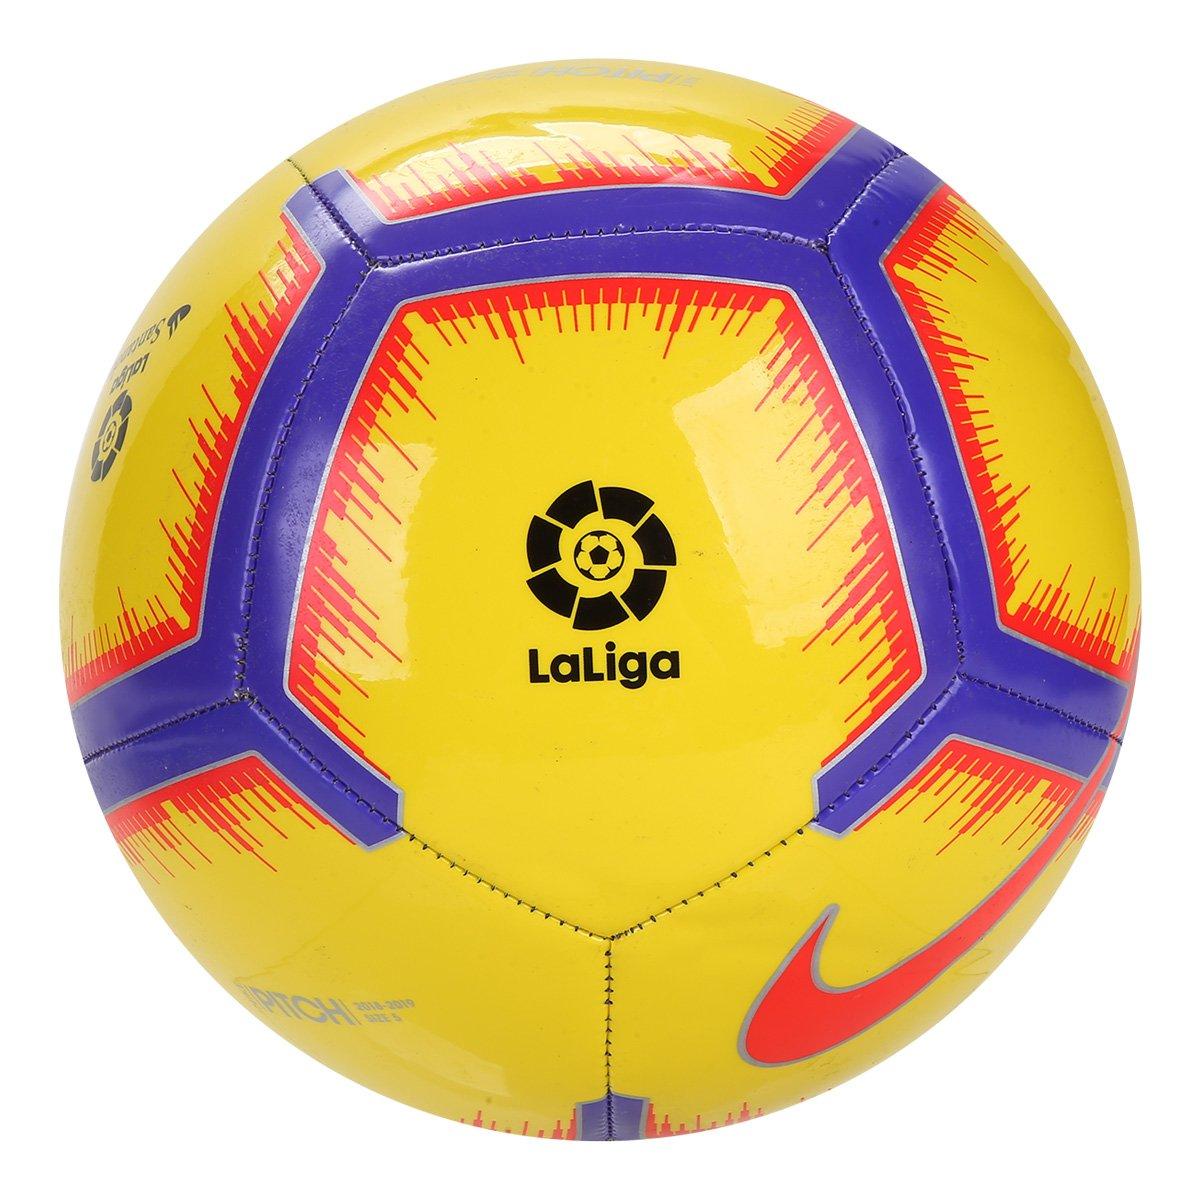 7acb1245a0 Bola de Futebol Campo Nike La Liga Pitch - Amarelo - Compre Agora ...